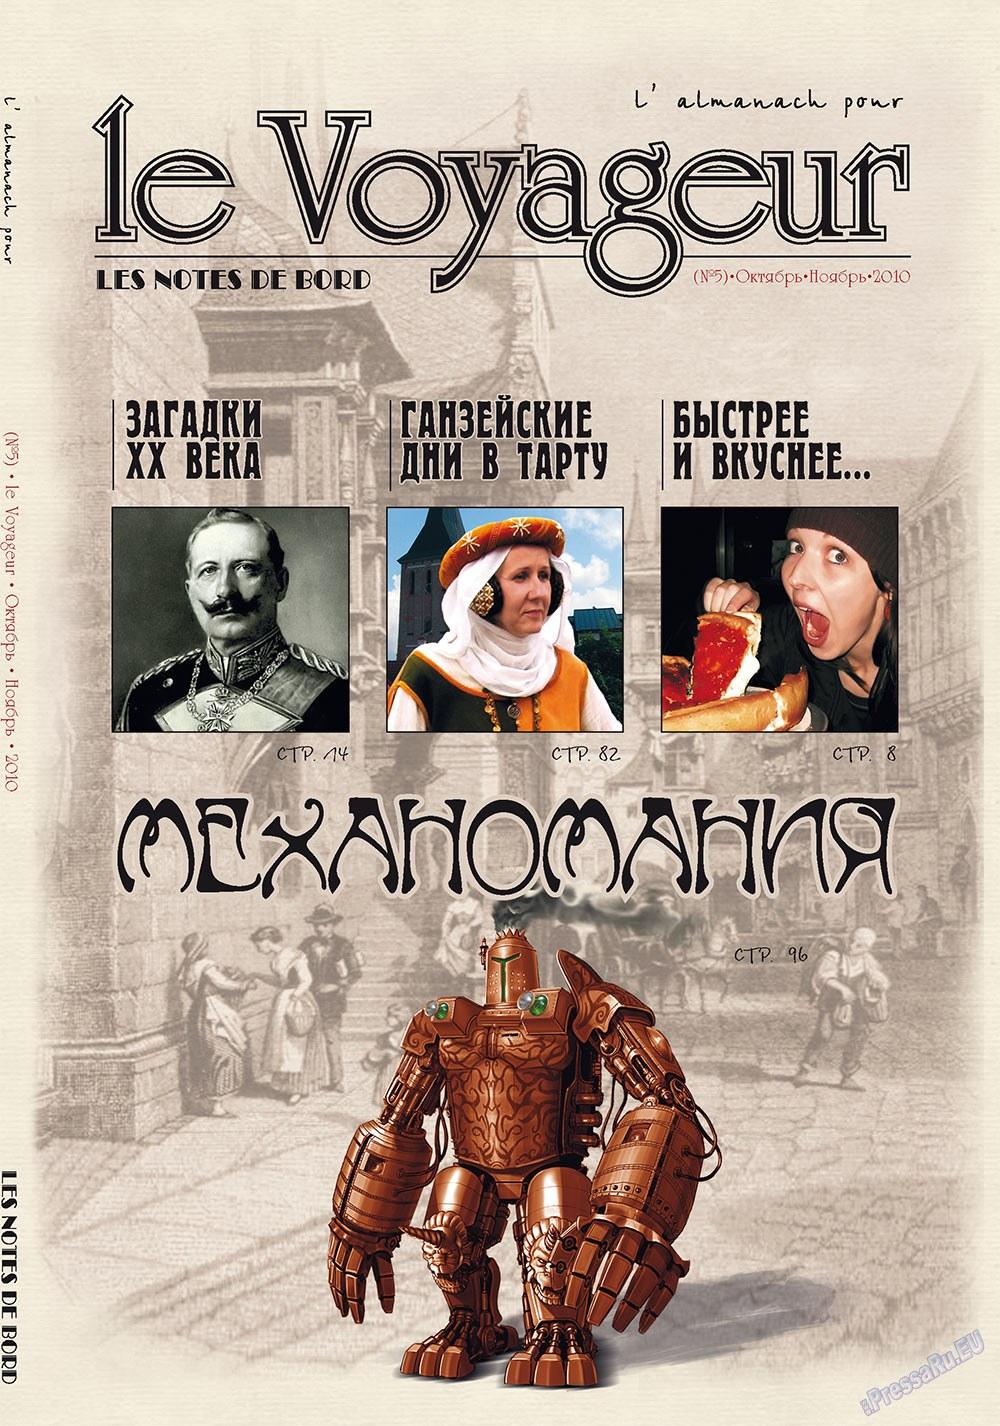 Le Voyageur (журнал). 2010 год, номер 13, стр. 1